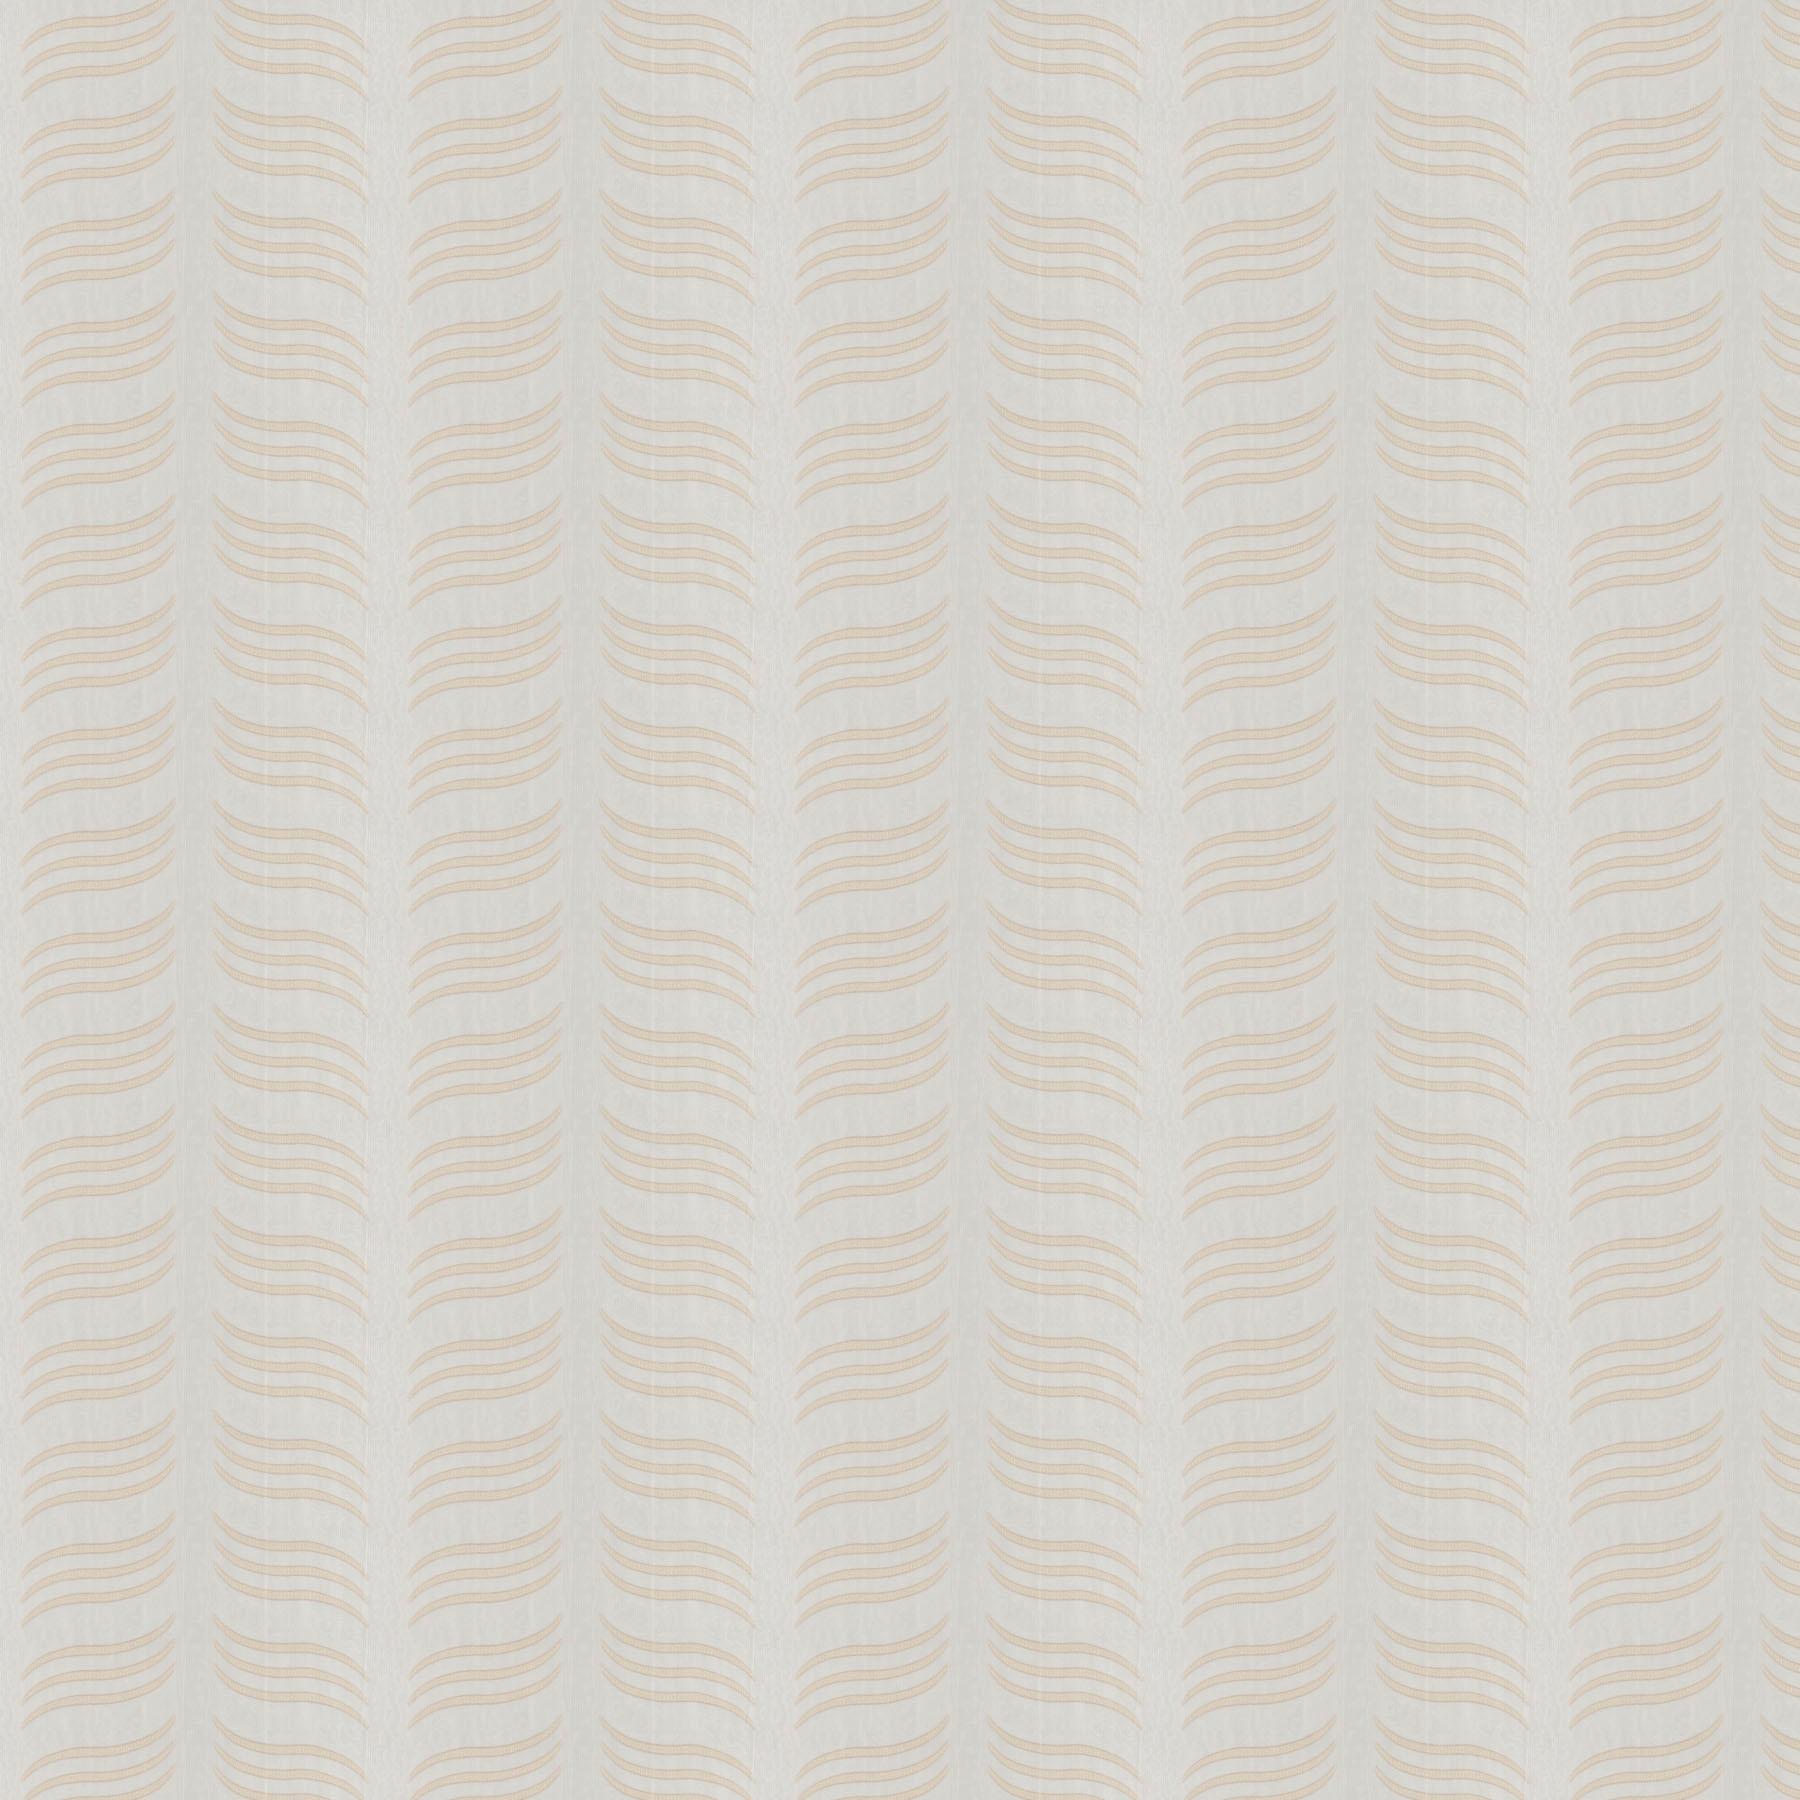 sheers nika 9 7401 071 jab anstoetz fabrics. Black Bedroom Furniture Sets. Home Design Ideas